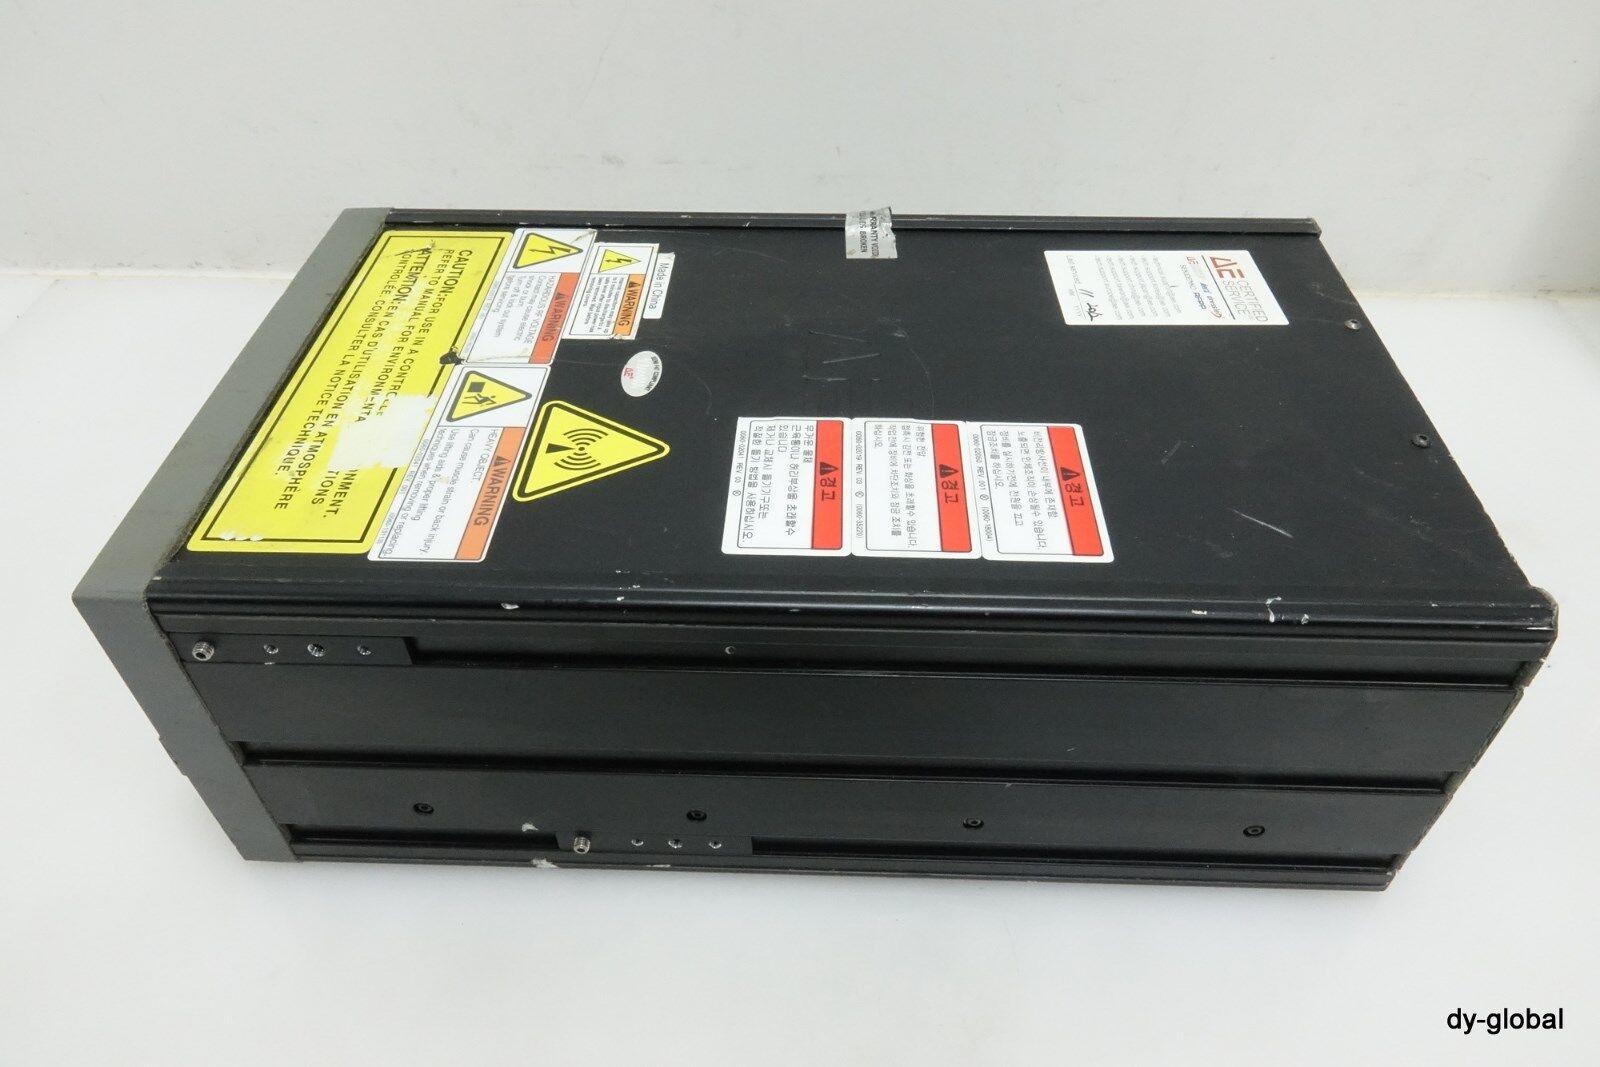 APEX 1.5kW 13,56MHz RF Generator Used 1513 P/N 660-032596-023 SEM-I-216=6A56